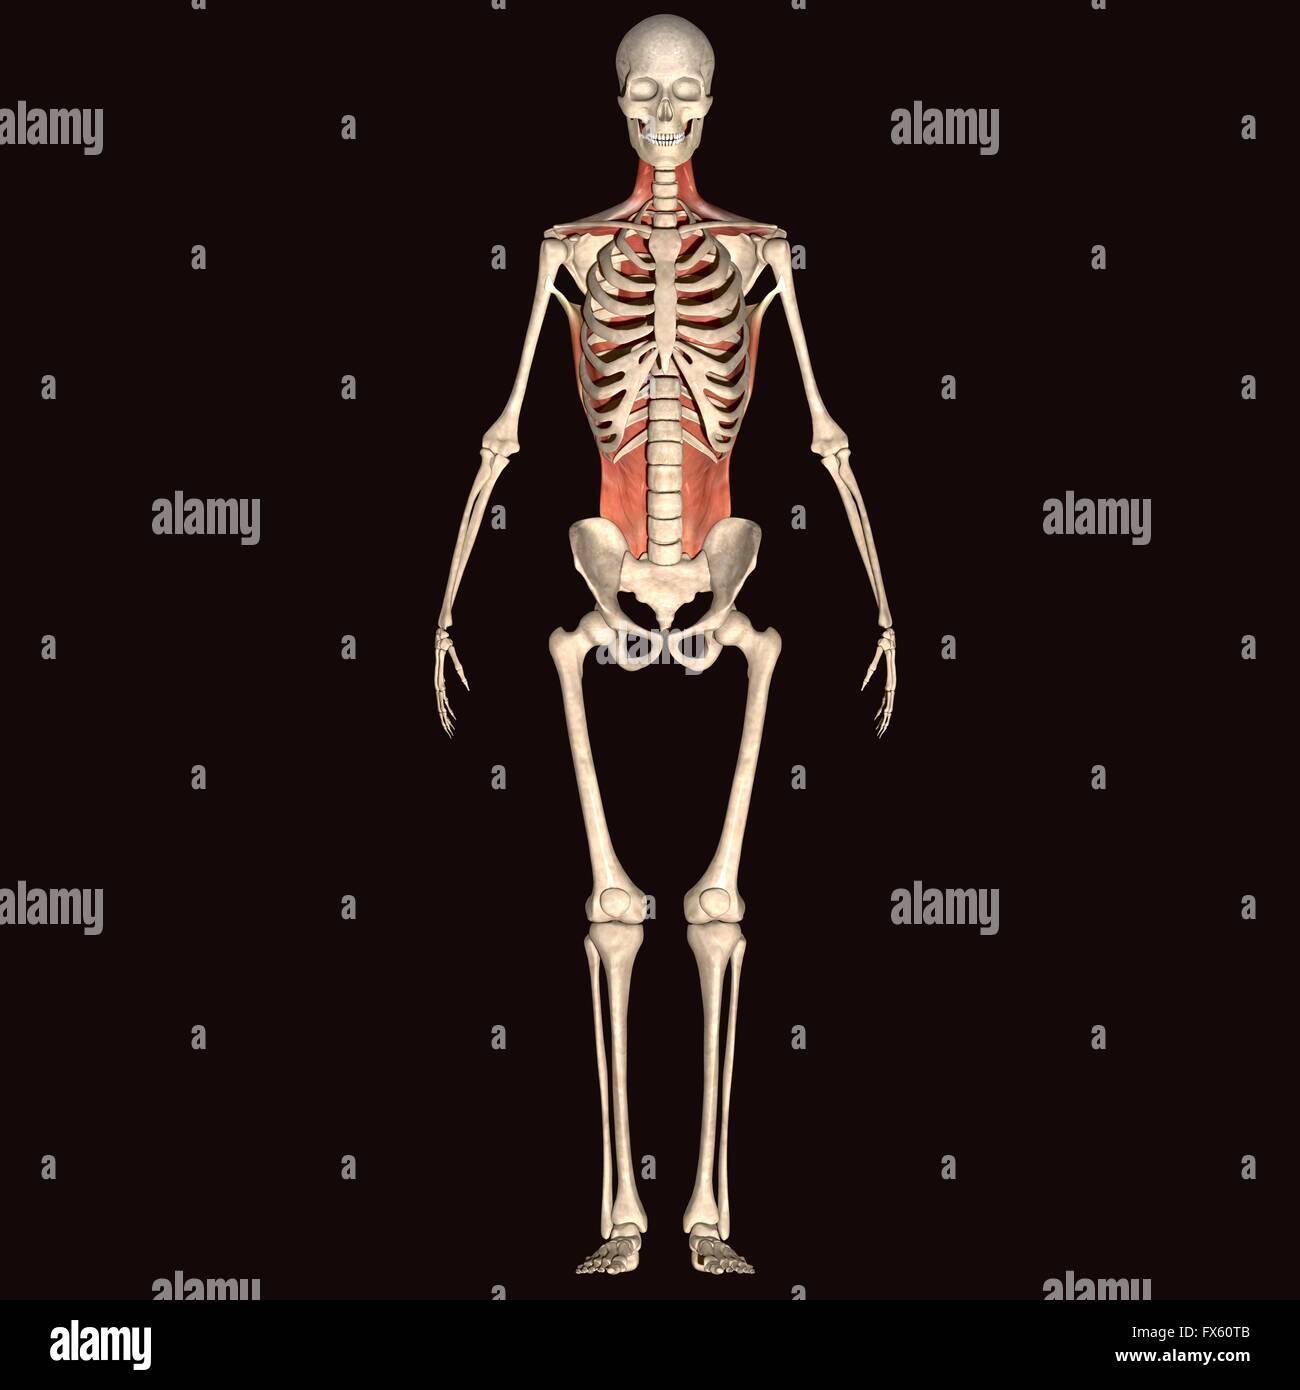 Human anatomy full body